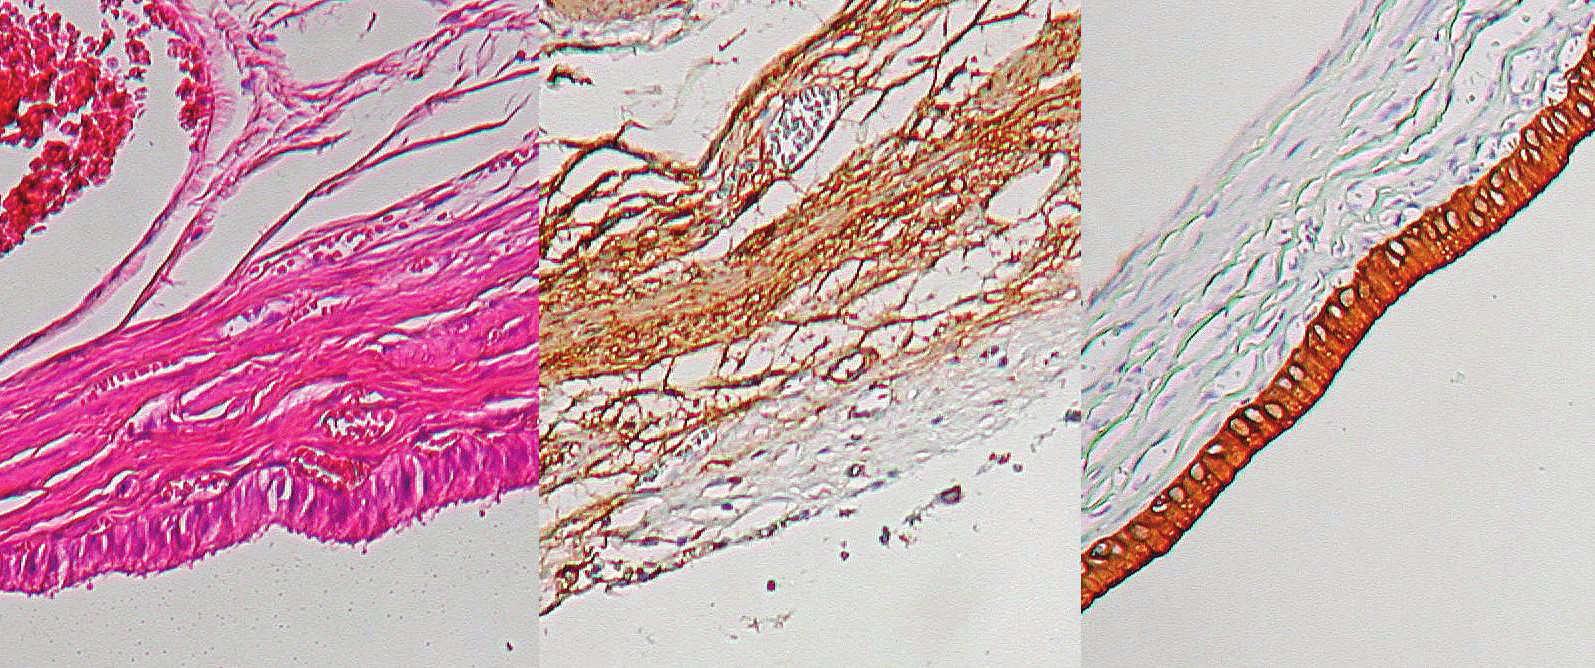 Histologický nález – žlčník, zľava normálne farbenie, v strede svalovina znázornená protilátkami proti aktínu, vpravo epitel žlčových ciest znázornený protilátkami proti cytokeratínu C19 Fig. 7. Histological preparation – gall-bladder: normal staining on the left, muscle layer stained with monoclonal antibodies against actin in the middle, biliary epithelium stained with antibodies against cytokeratin C19 on the right